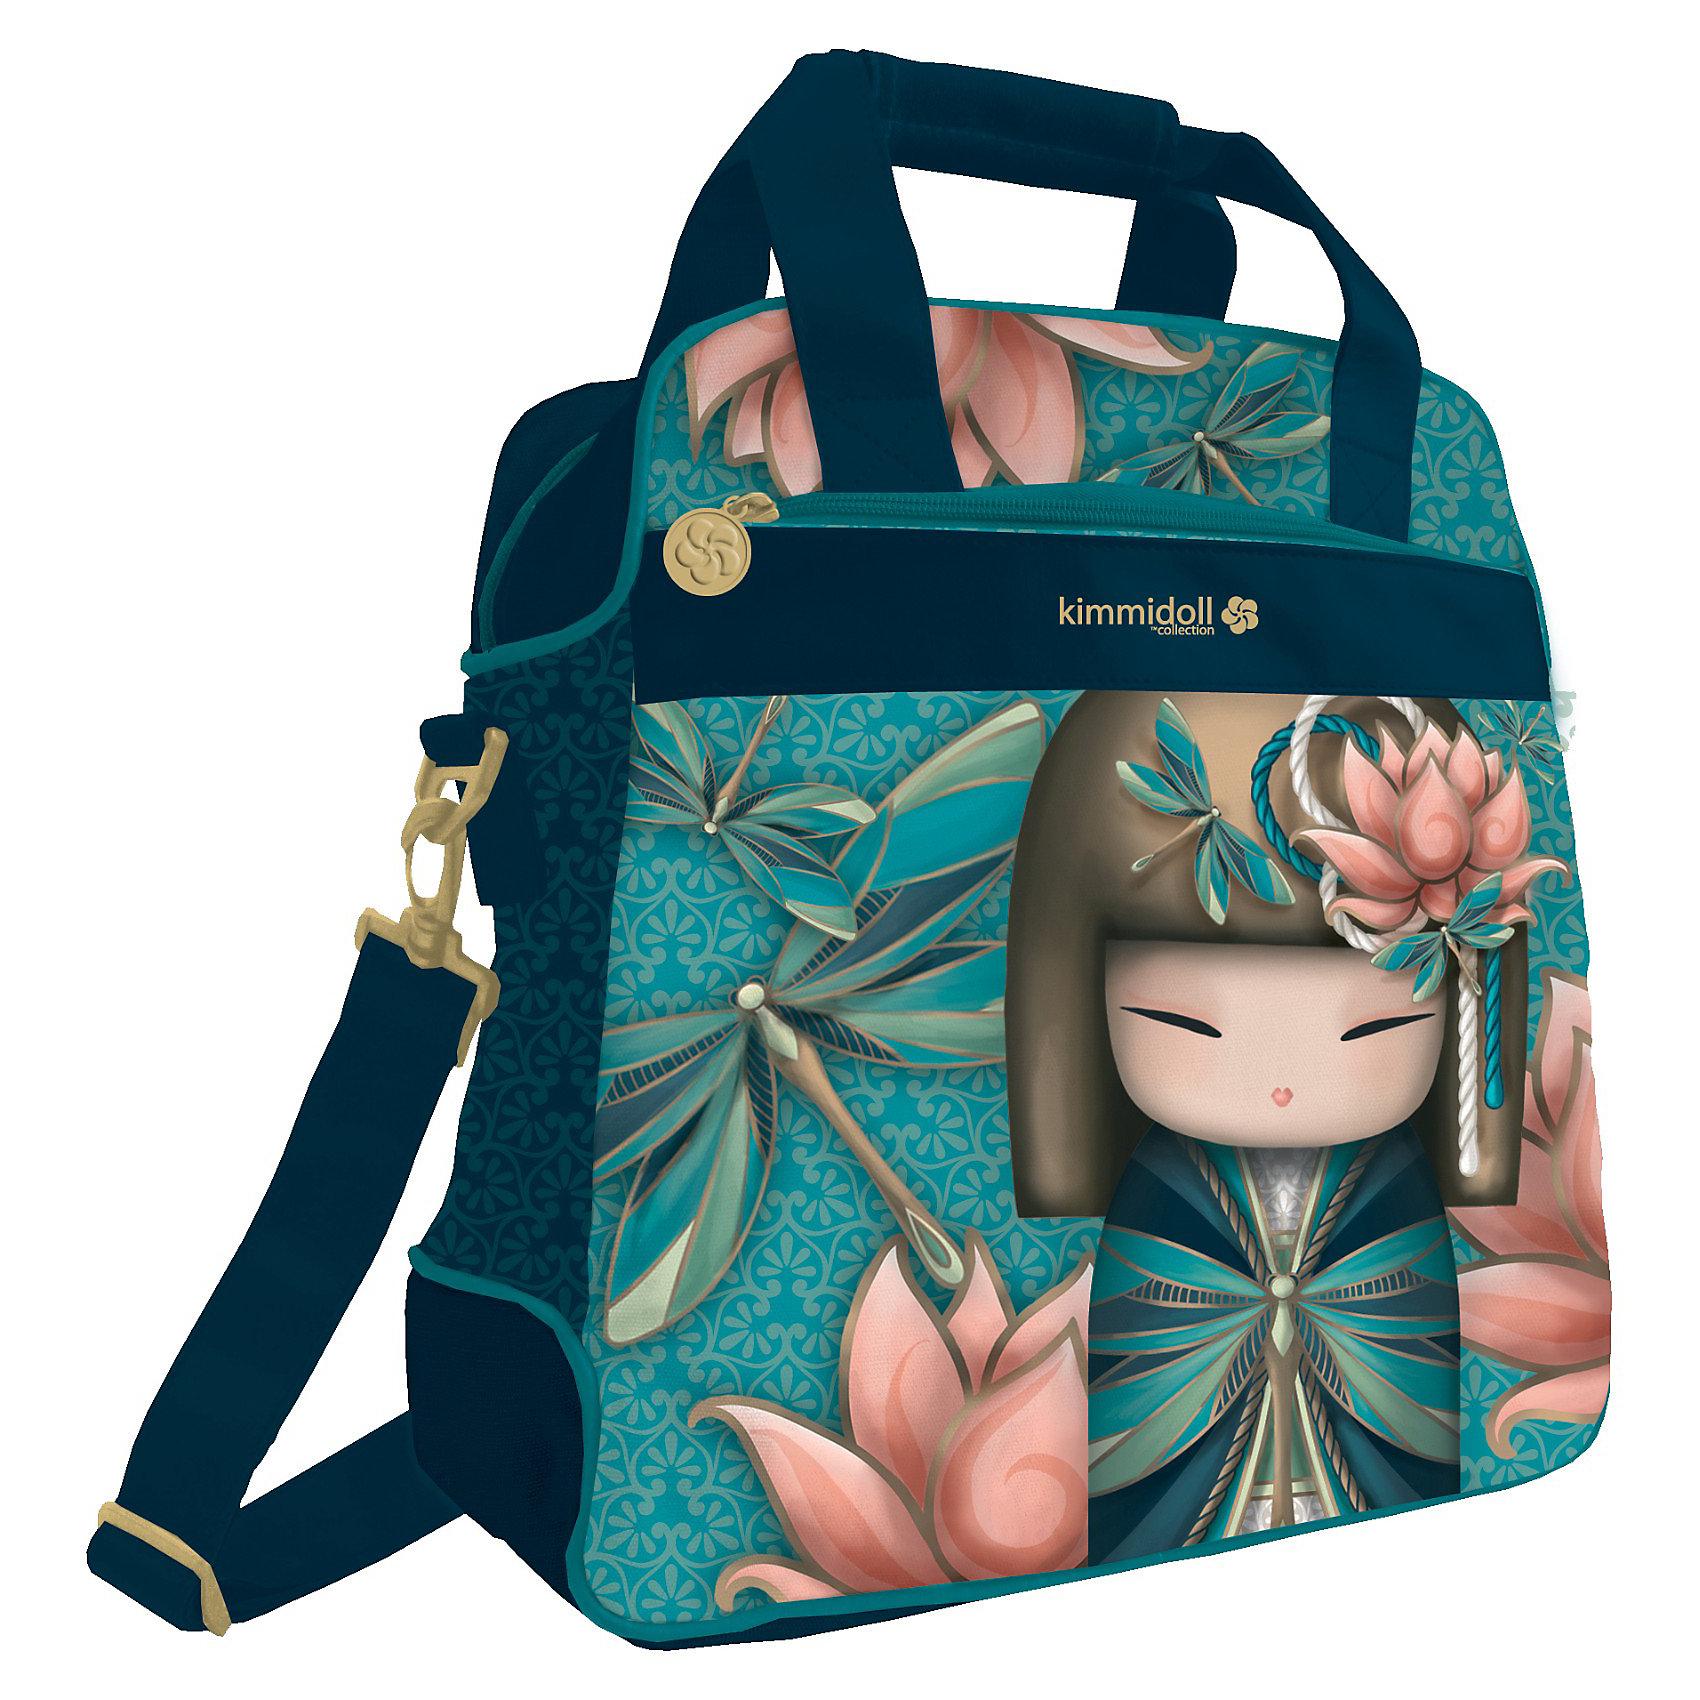 Сумка, KimmidollСумка, Kimmidoll (Киммидолл) – порадуйте своего ребенка стильным аксессуаром.<br>Стильная, яркая сумка с изображением японской куклы-кокеши обязательно понравится вашей маленькой моднице. У сумки: одно отделение, которое закрывается на застежку молнию, один внешний и один внутренний карман; удобные ручки; плечевой ремень.<br><br>Дополнительная информация:<br><br>- Размер: 36 x 35 x 13 см.<br><br>Сумку, Kimmidoll (Киммидолл) можно купить в нашем интернет-магазине.<br><br>Ширина мм: 360<br>Глубина мм: 350<br>Высота мм: 130<br>Вес г: 500<br>Возраст от месяцев: 192<br>Возраст до месяцев: 192<br>Пол: Женский<br>Возраст: Детский<br>SKU: 3563271